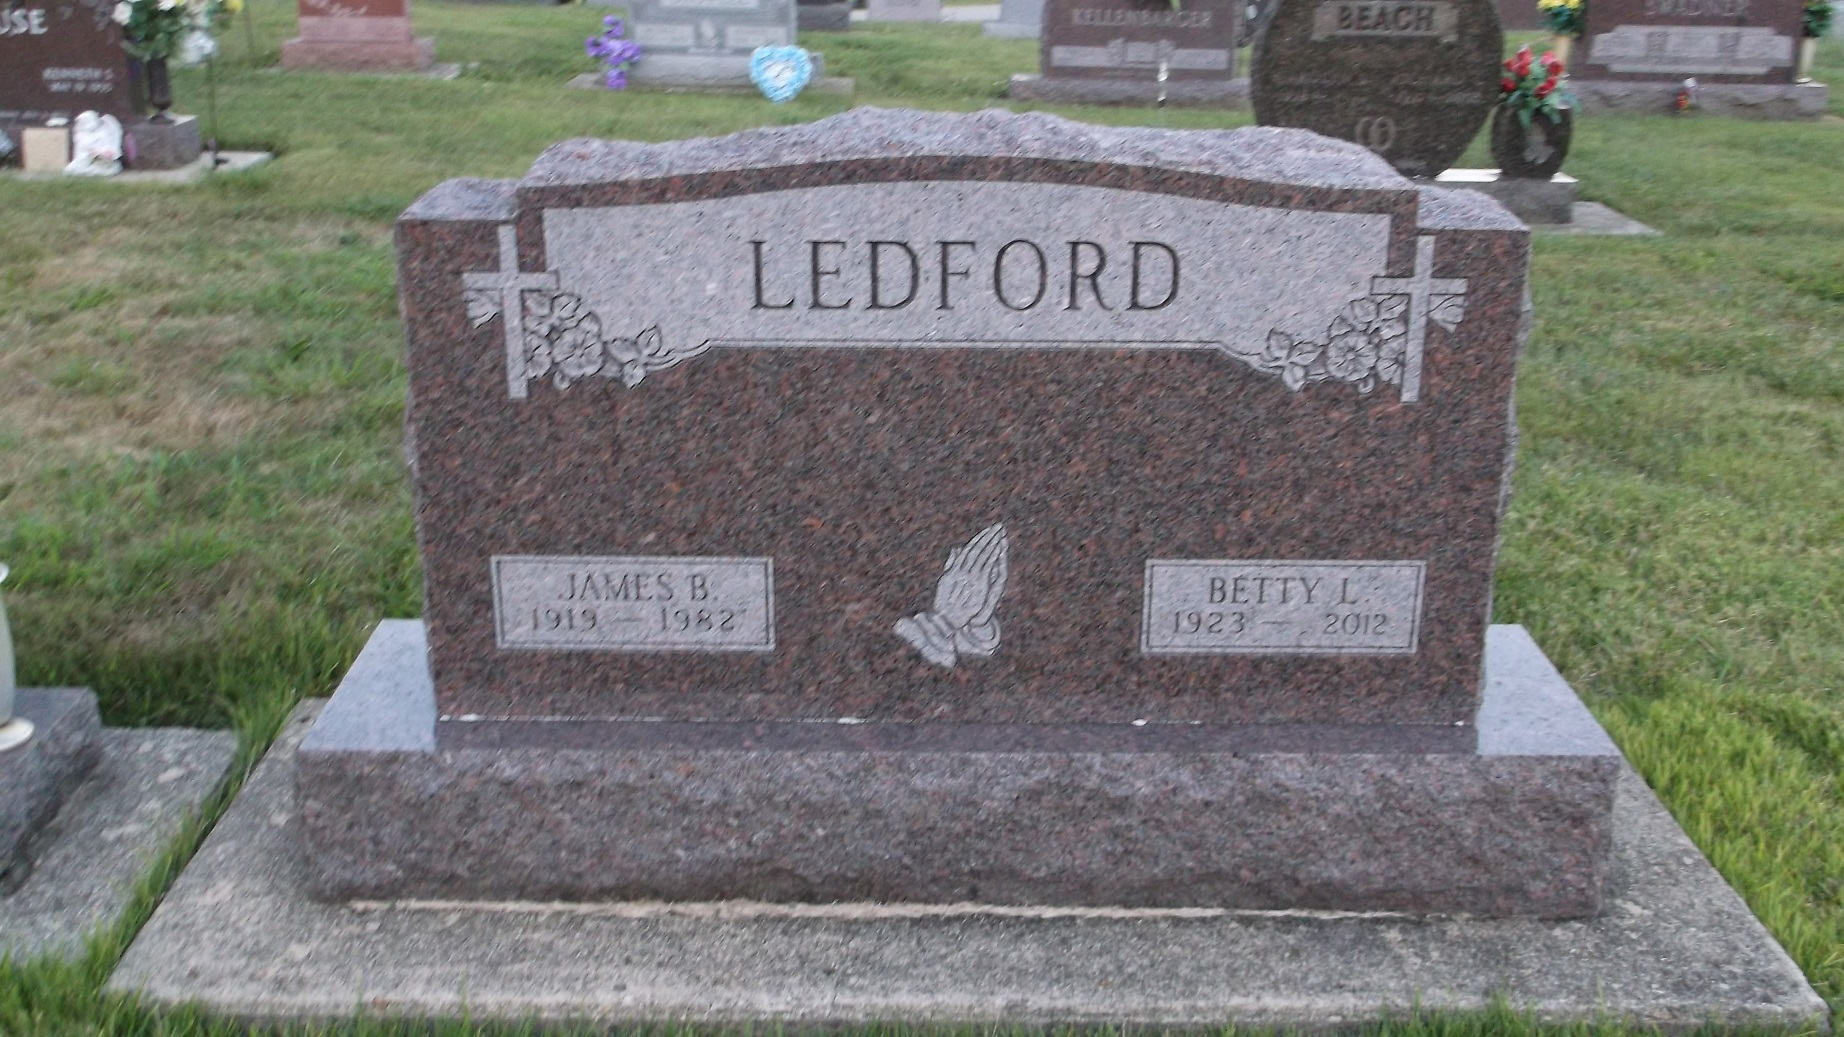 James Bert Ledford